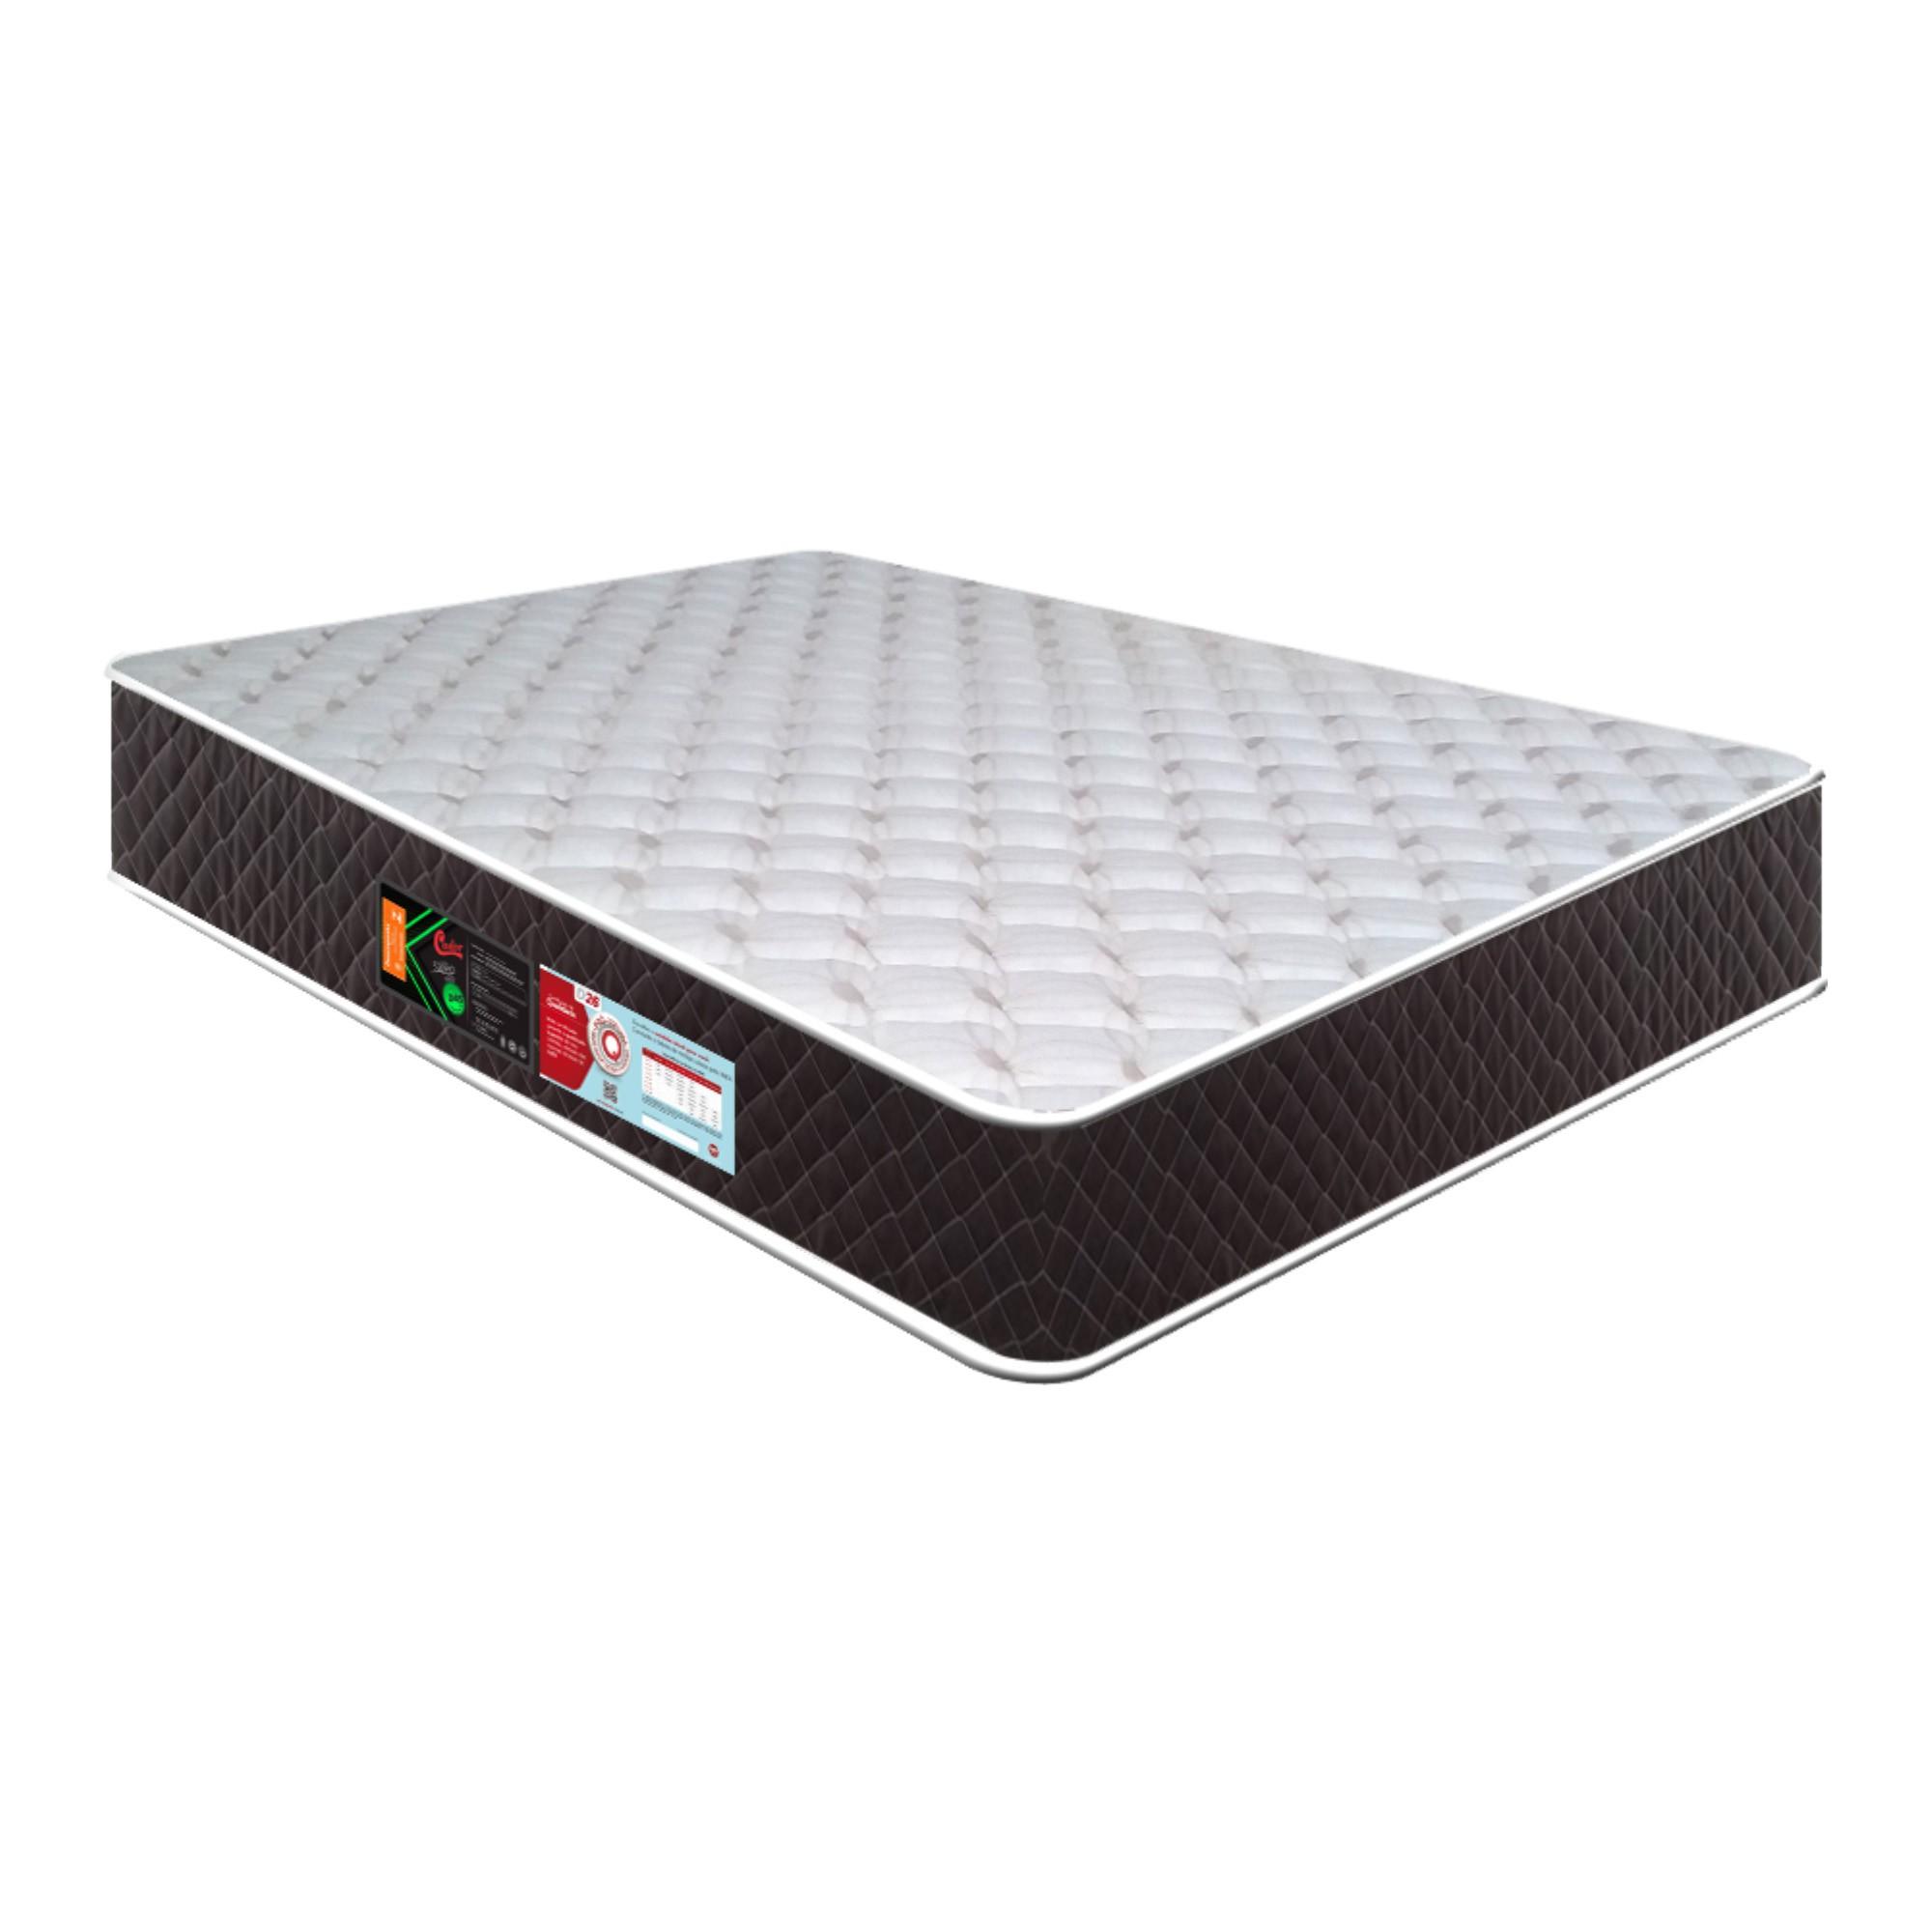 Colchão Castor Sleep Max D28 25 cm [Viúva 128 x 188 cm]